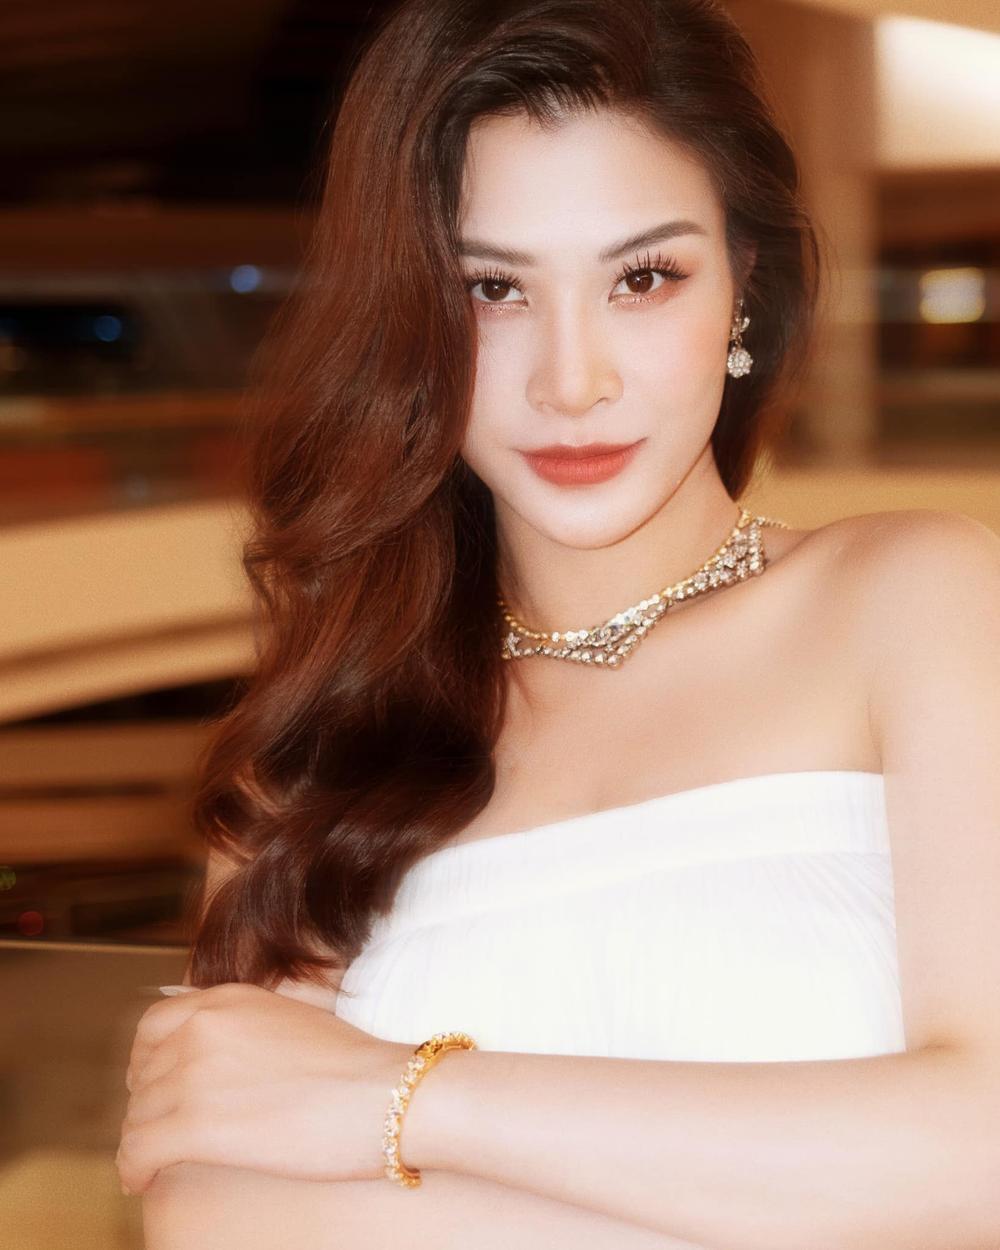 Đông Nhi khoe tạo hình cameo MV Ngô Kiến Huy, Diệu Nhi liền tay rào trước muốn kết hợp... 'đòi nợ' chung? Ảnh 5